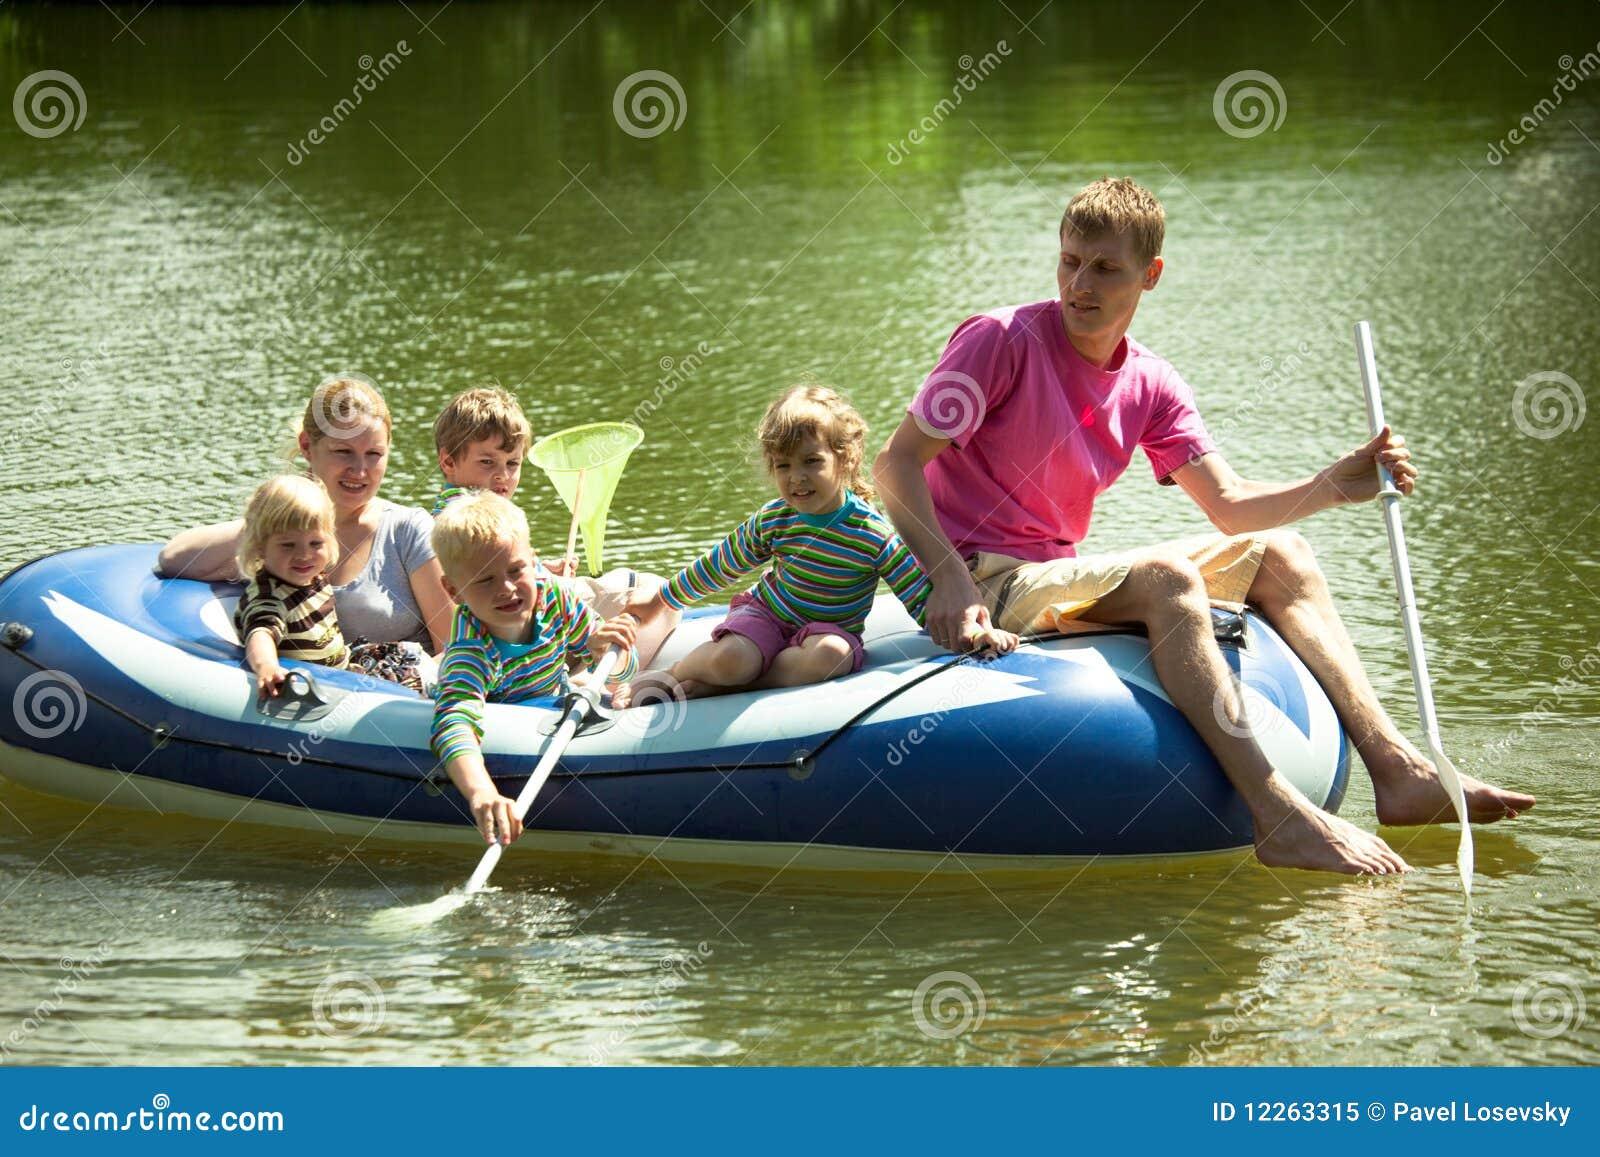 Секс в рыбацкой лодке 24 фотография